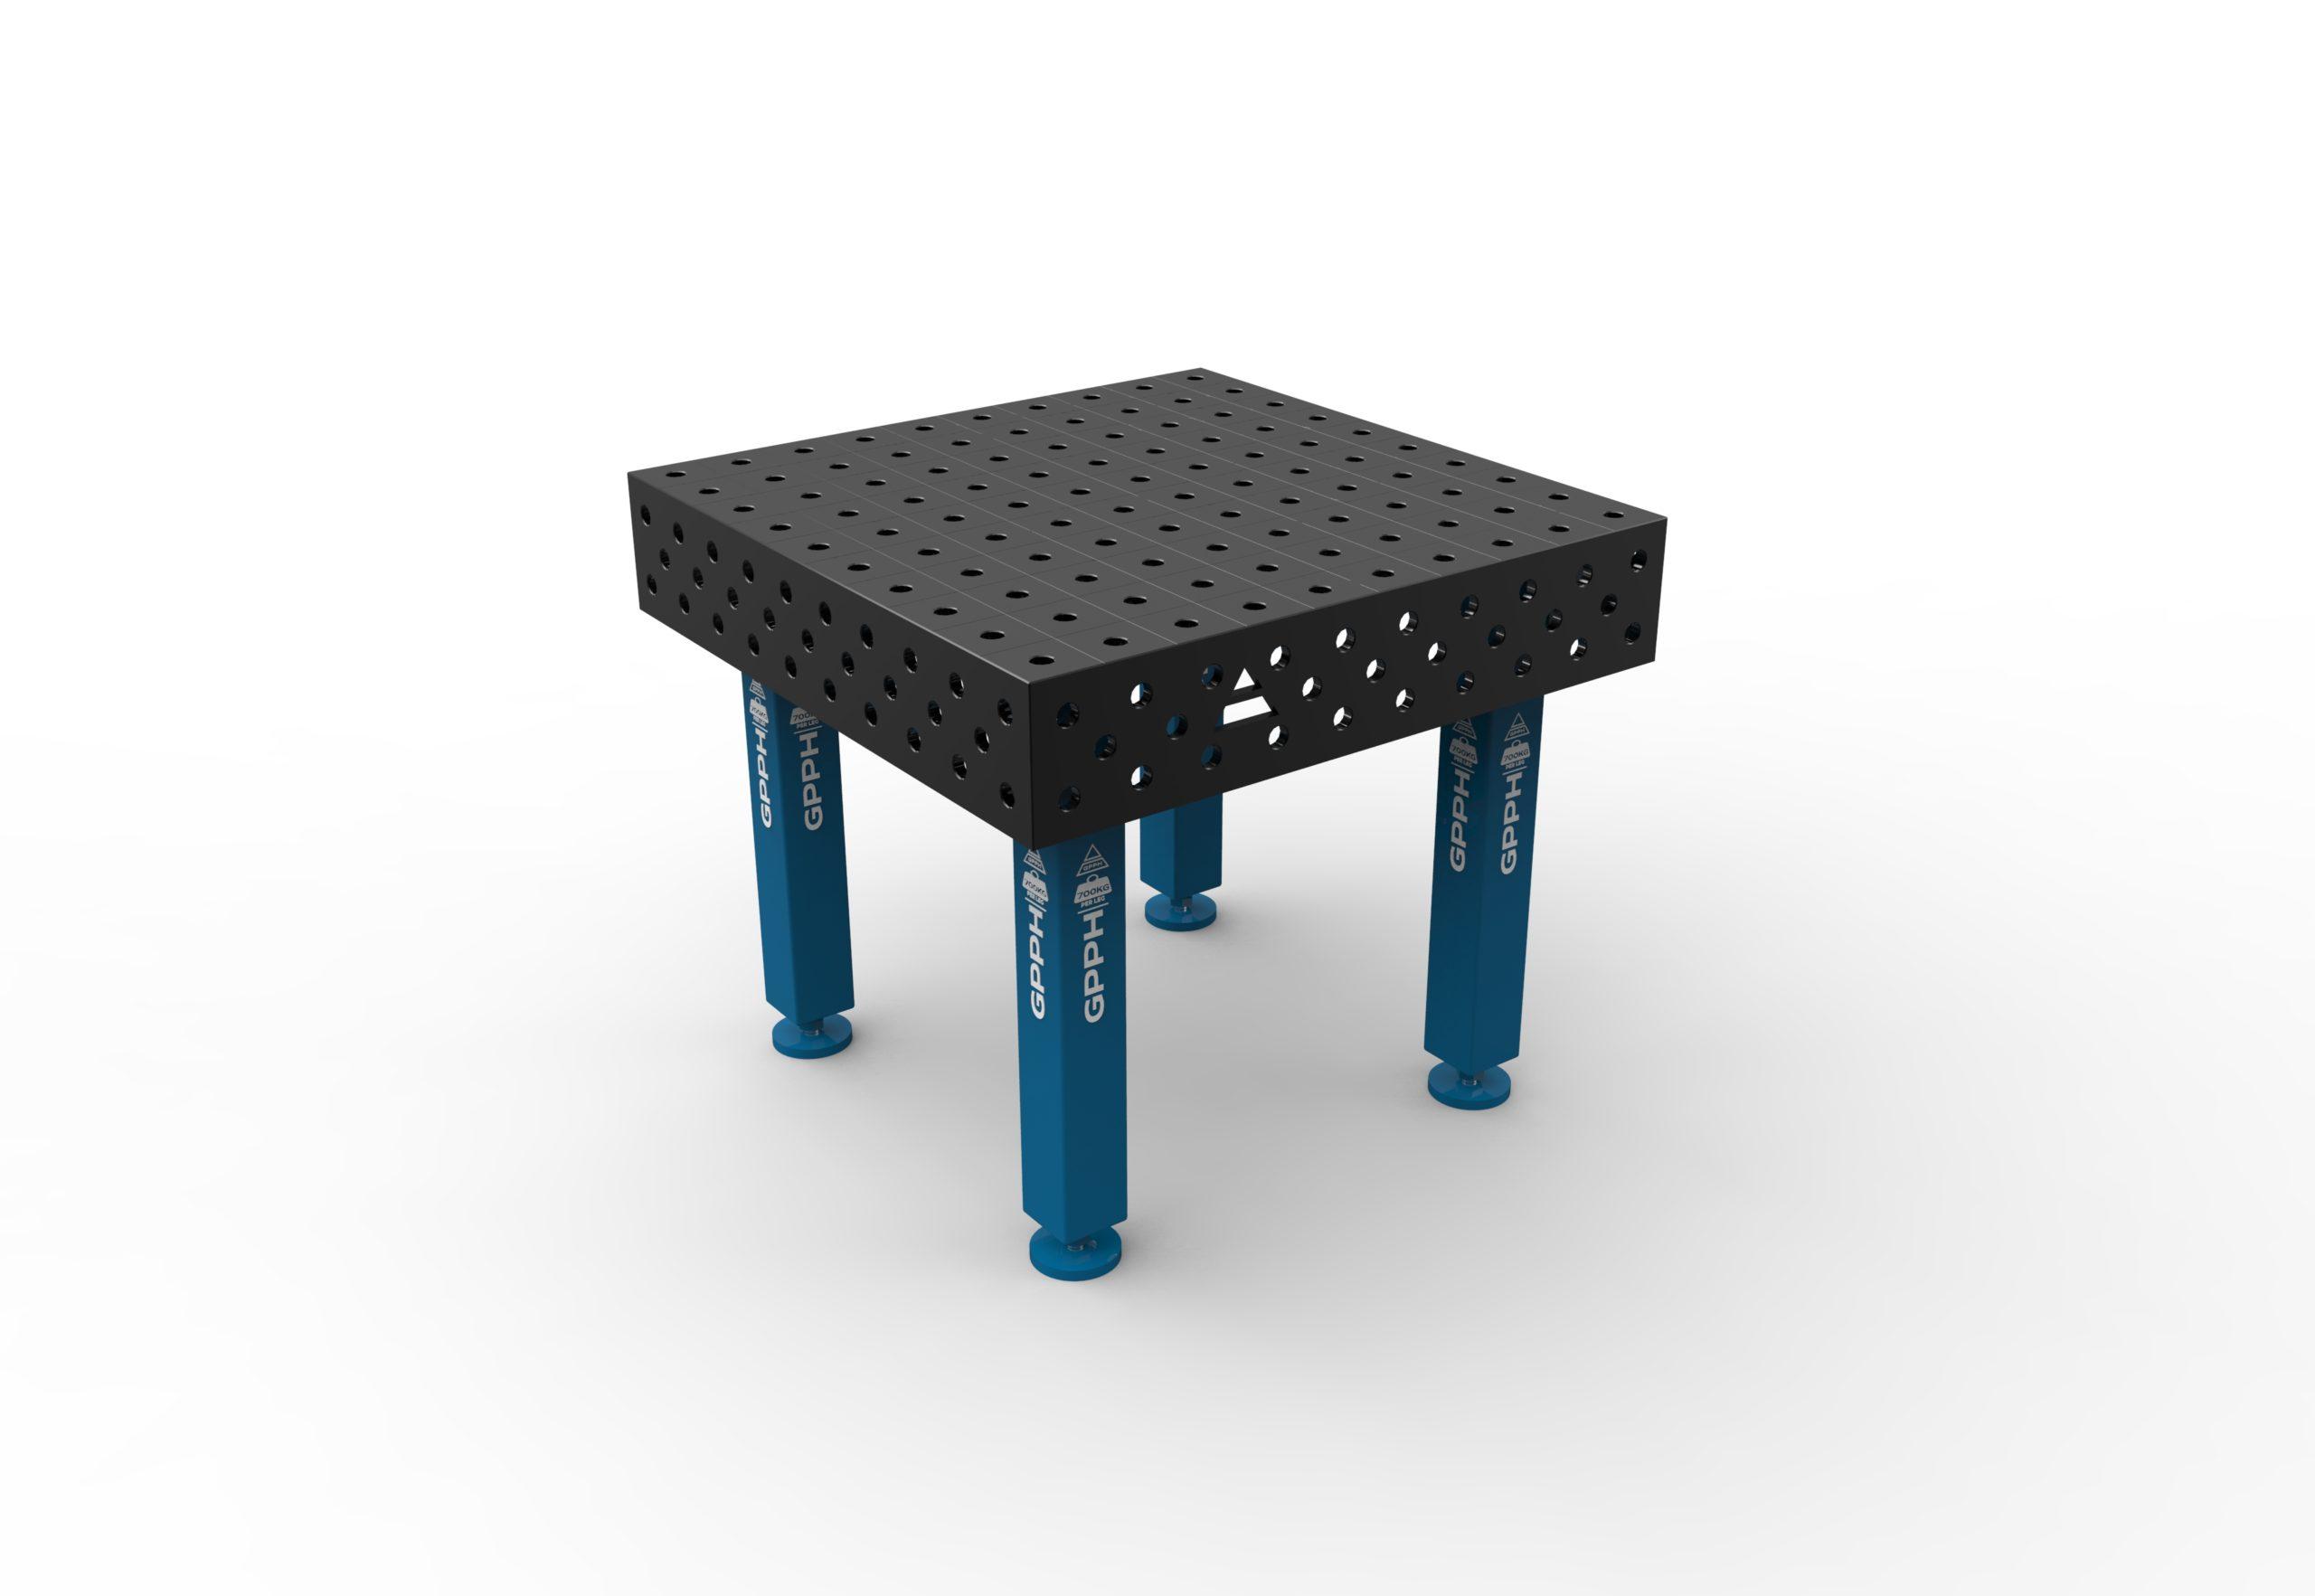 Table de soudage 1000 x 1000 mm de GPPH